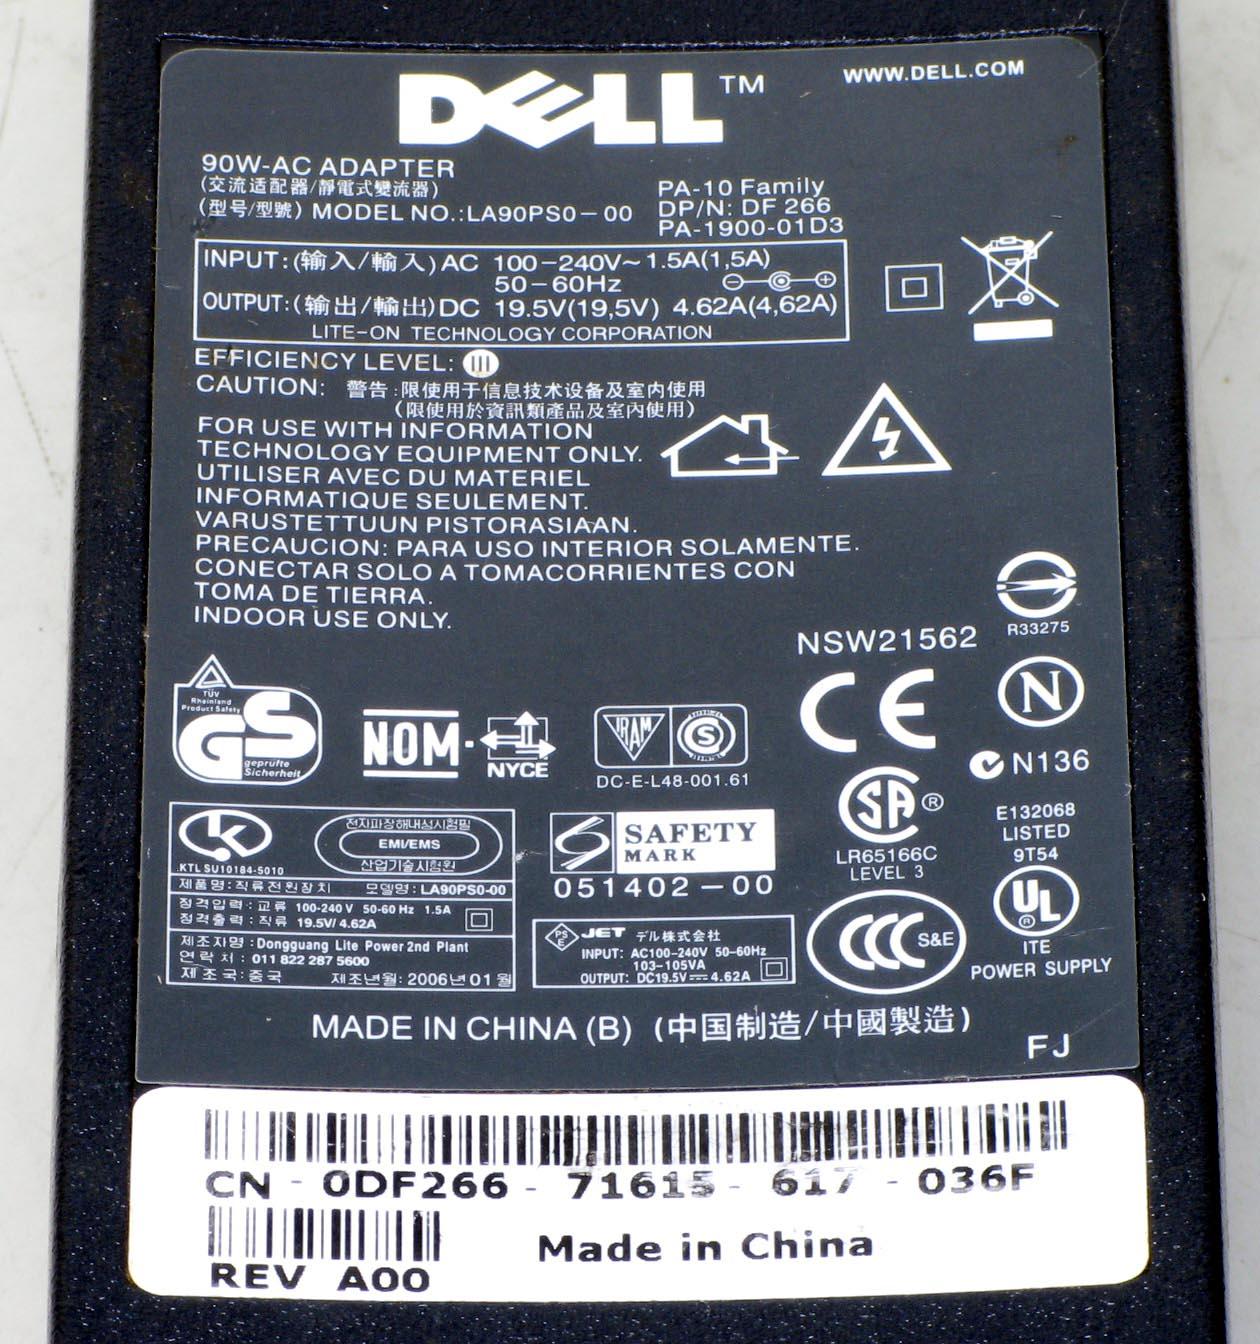 N-1/DELL ノートPC用ACアダプタ PA-10 19.5V/4.62A 電源コード付